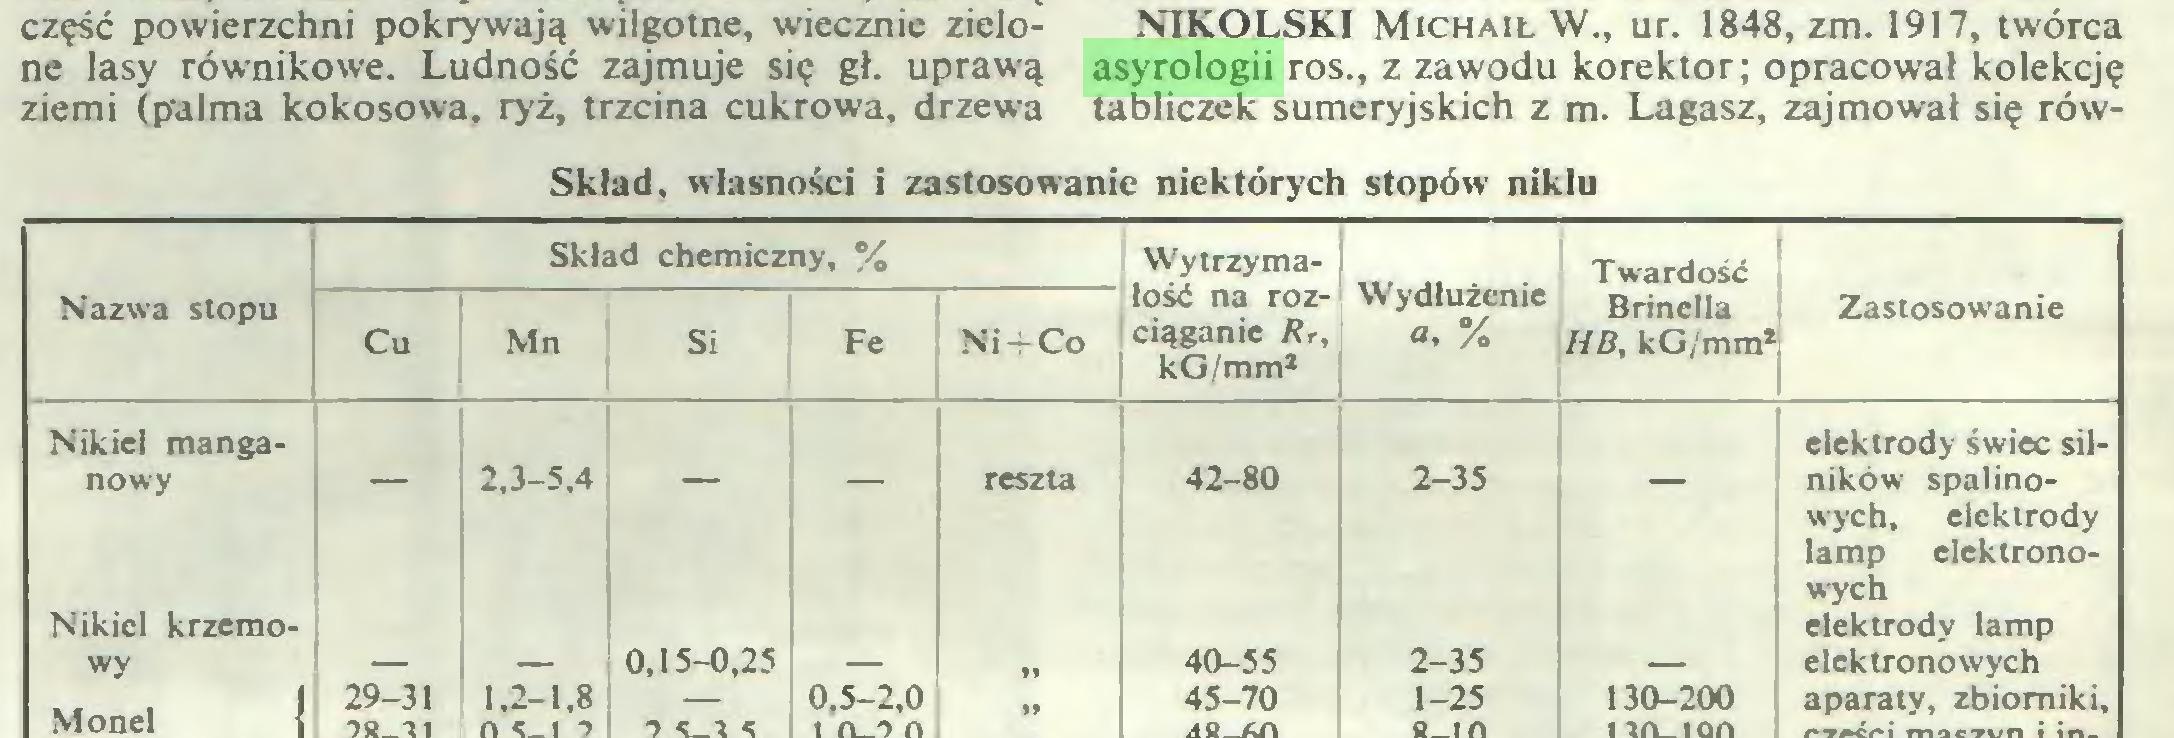 (...) NIKOLSKI Michaił W., ur. 1848, zm. 1917, twórca asyrologii ros., z zawodu korektor; opracował kolekcję tabliczek sumeryjskich z m. Lagasz, zajmował się rówSklad, własności i zastosowanie niektórych stopów niklu Skład chemiczny, % Wytrzymałość na rozciąganie Rr, kG/mm2 Wydłużenie a, % Twardość Nazwa stopu Cu Mn Si Fe Ni+Co Brinella HB, kG/mm2 Zastosowanie Nikiel manganowy 2,3-5,4 reszta 42-80 2-35 elektrody świec silników spalinoNikiel krzemowy 0,15-0,25 40-55 2-35 wych, elektrody lamp elektronowych elektrody lamp elektronowych Monel 29-31 1.2-1,8 — 0,5-2,0 45-70 1-25 130-200 aparaty, zbiorniki...